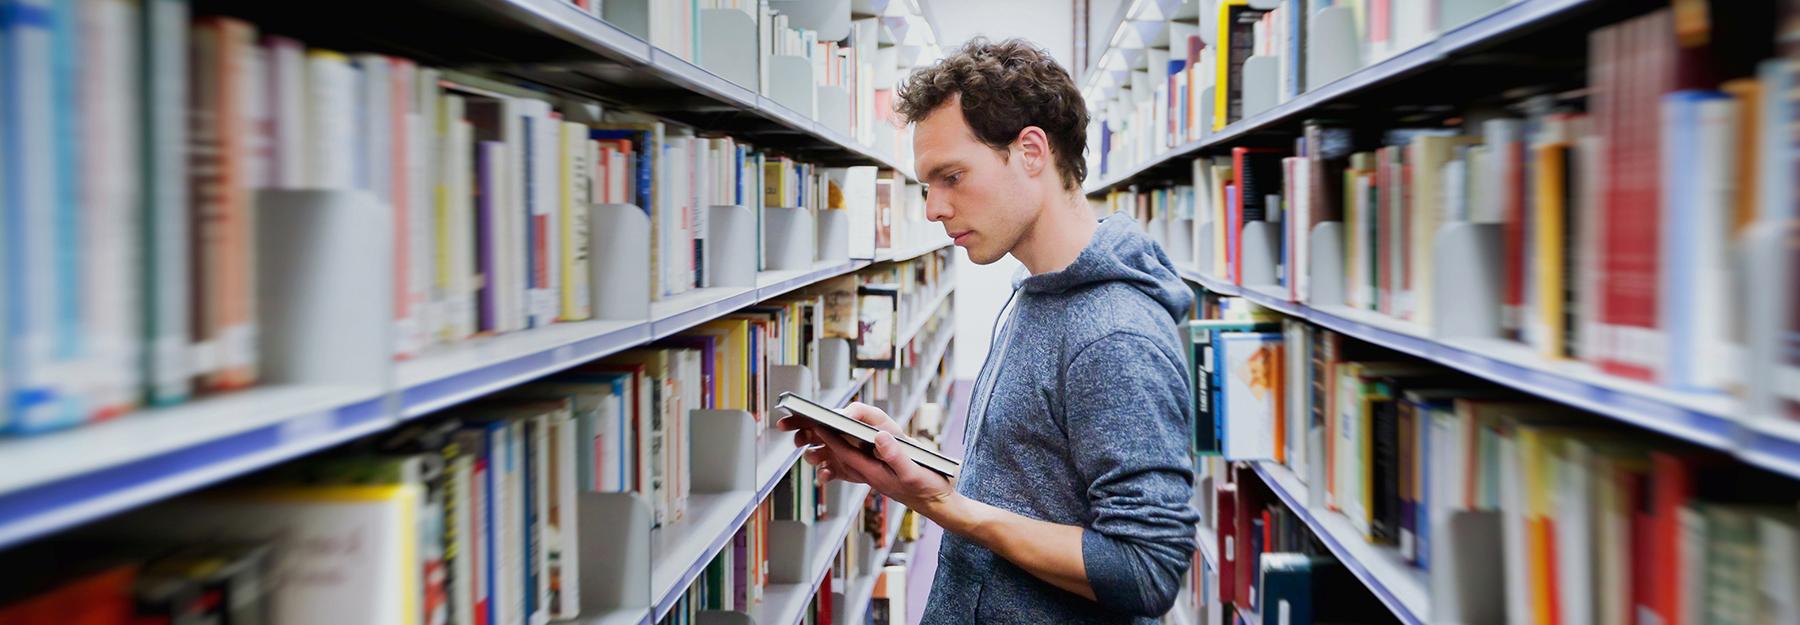 Nett Studenten Nehmen Beispiele Wieder Auf Ideen - Beispiel Business ...